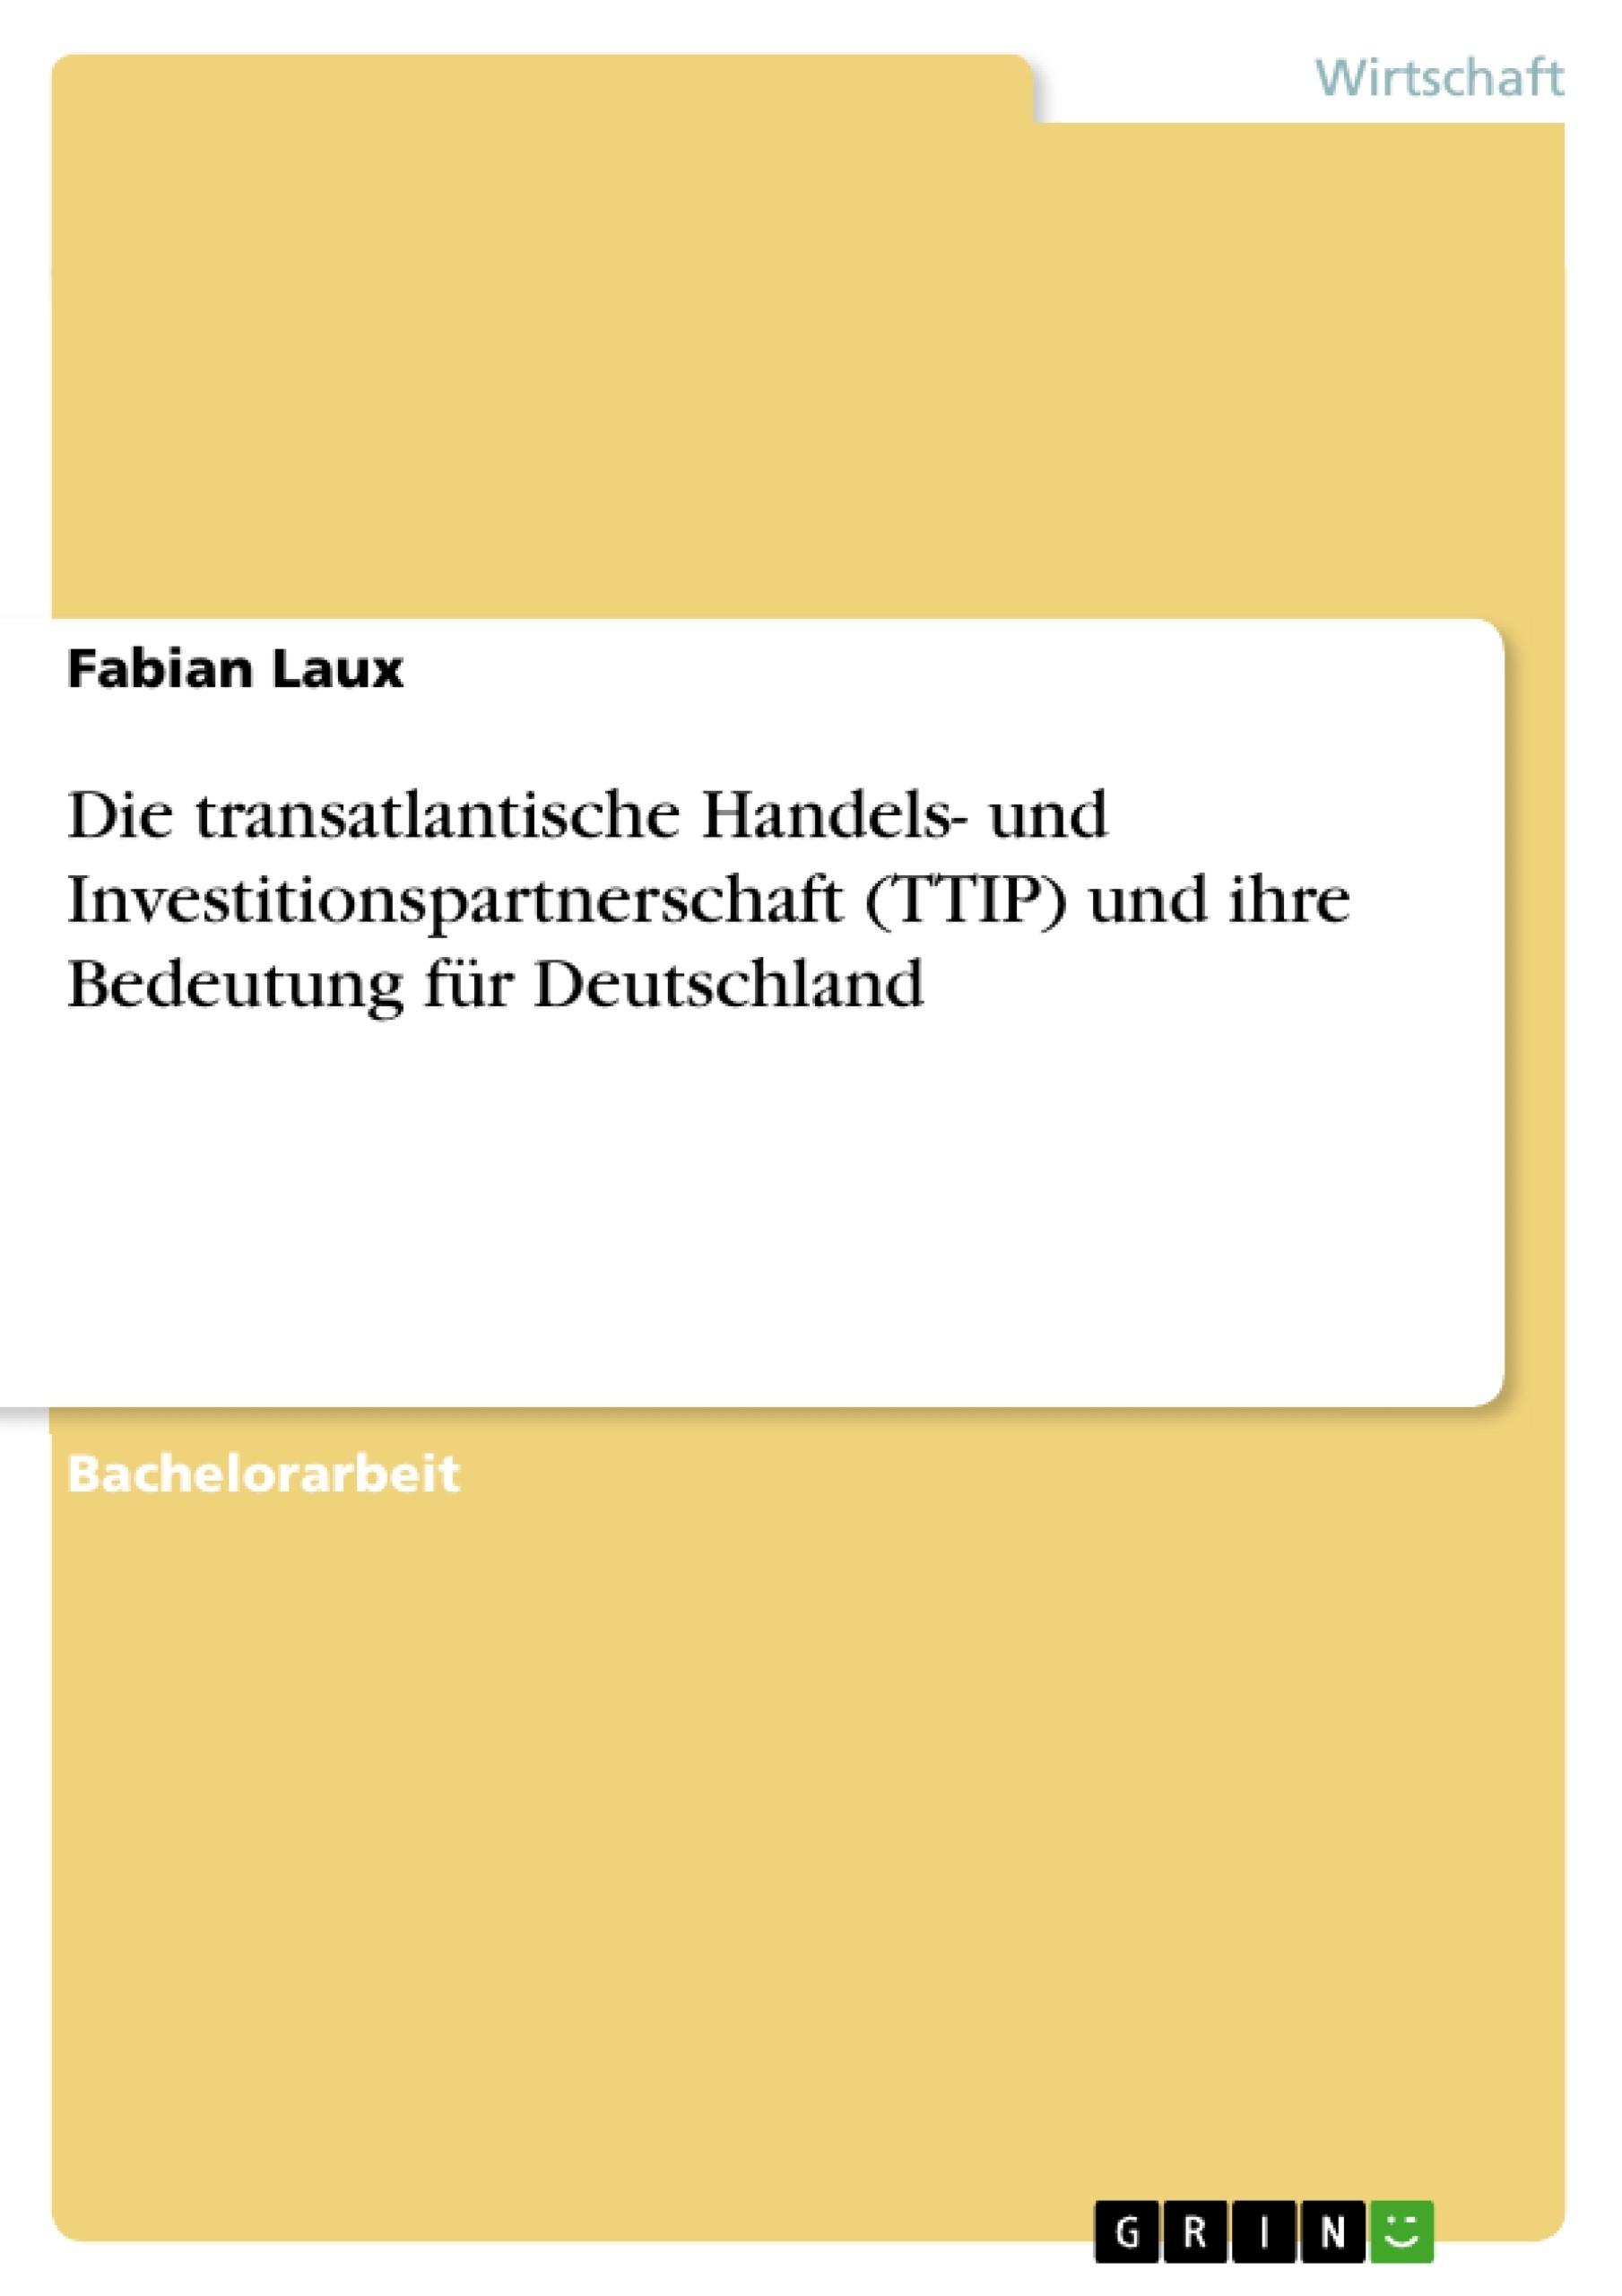 Titel: Die transatlantische Handels- und Investitionspartnerschaft (TTIP) und ihre Bedeutung für Deutschland